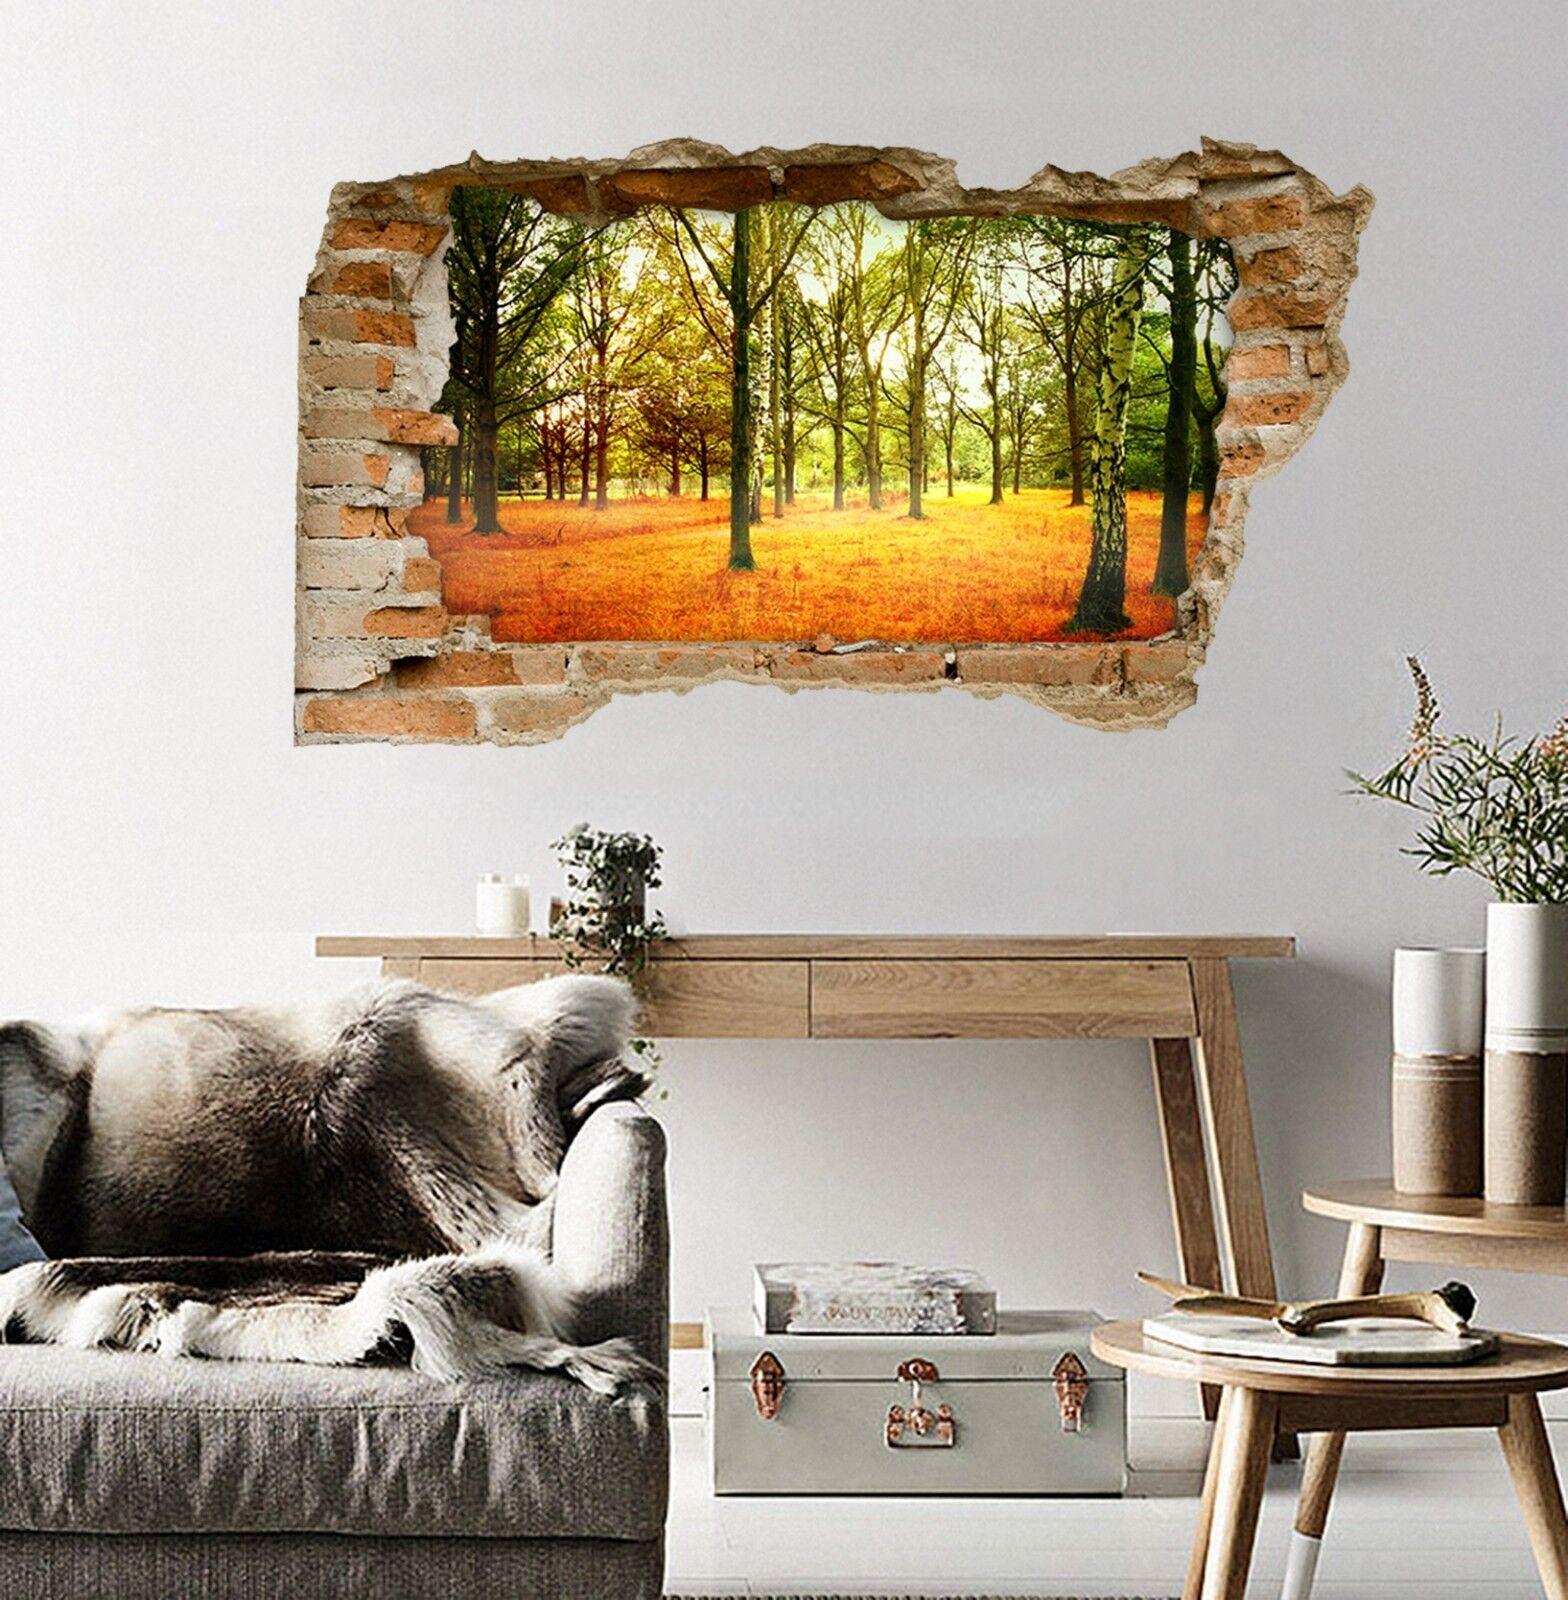 3D Bäume Unkraut 04 Mauer Murals Mauer Aufklebe Decal Durchbruch AJ WALLPAPER DE